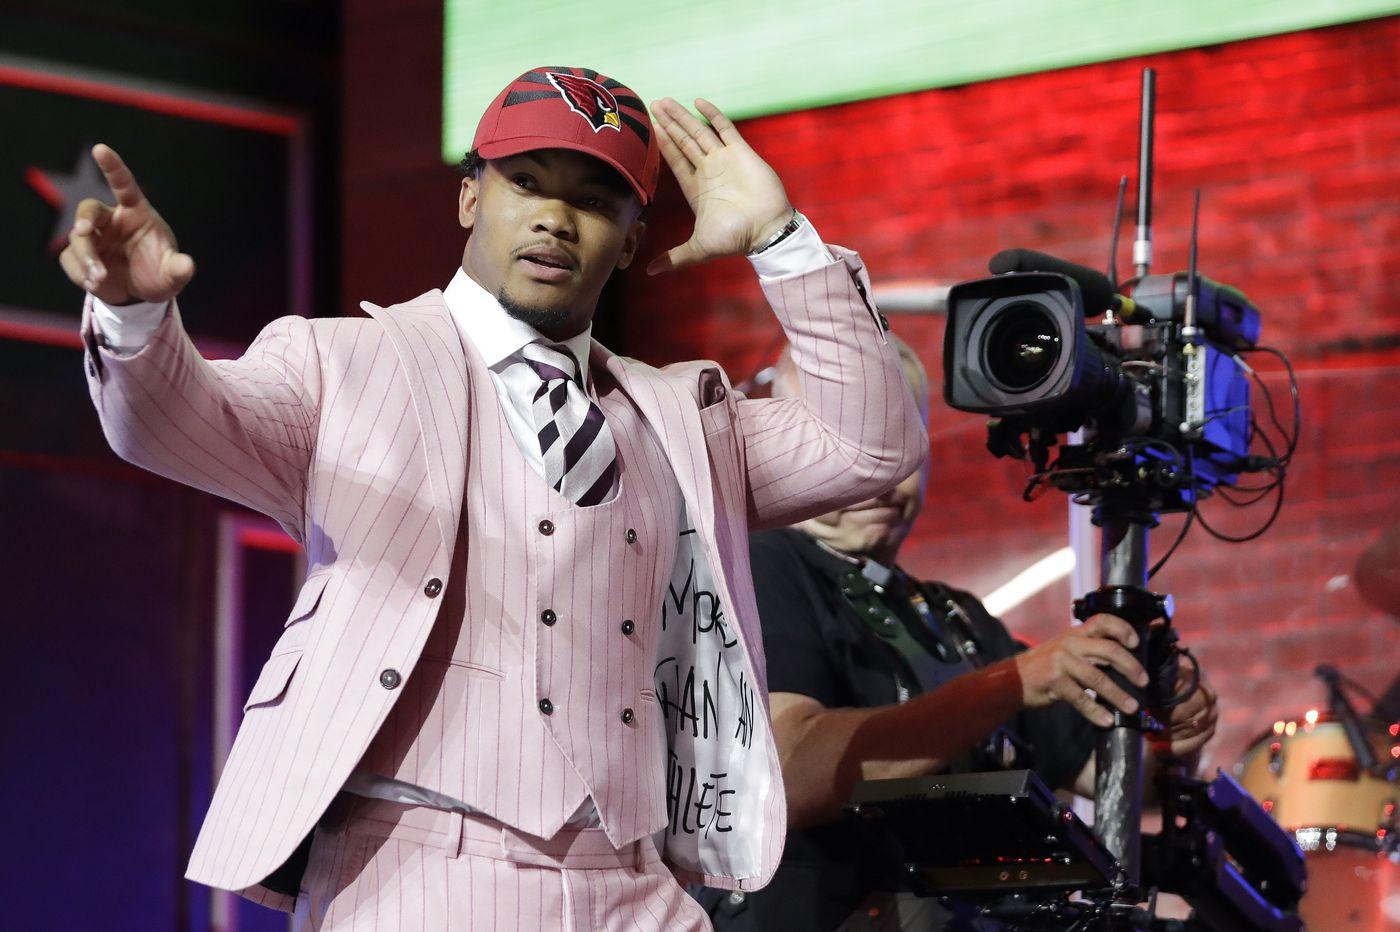 37e2dd8532b2b2 NFL draft: Kyler Murray makes history at expense of Cardinals' Josh Rosen